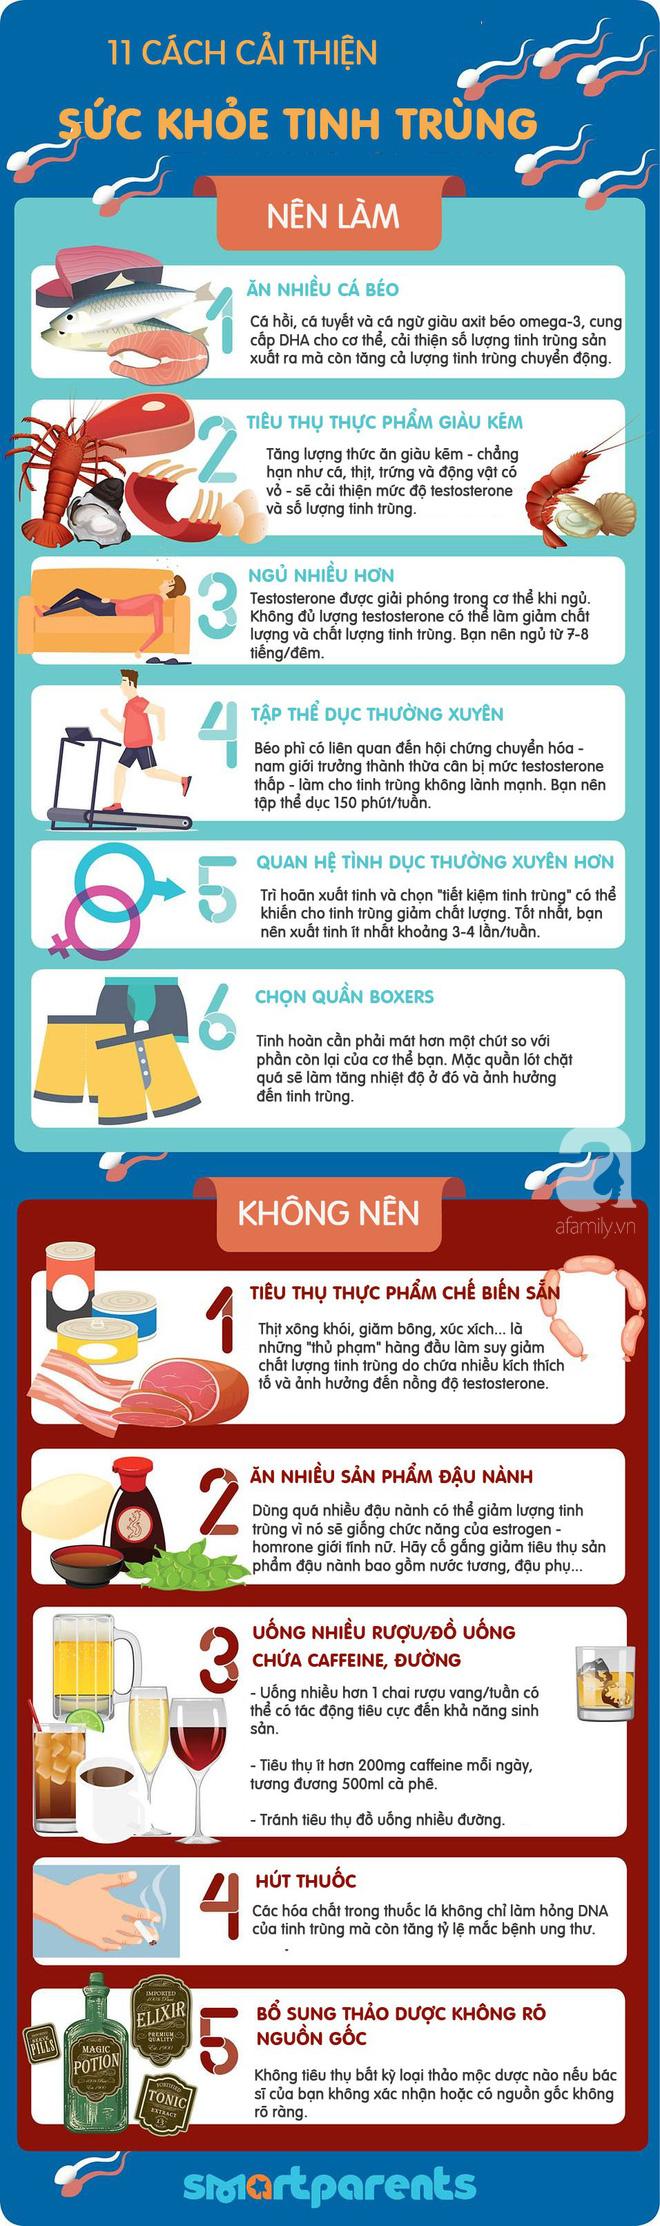 11 cách cải thiện chất lượng tinh trùng và 8 sự thật ngạc nhiên về chúng mà các đấng mày râu cần để tâm - Ảnh 2.